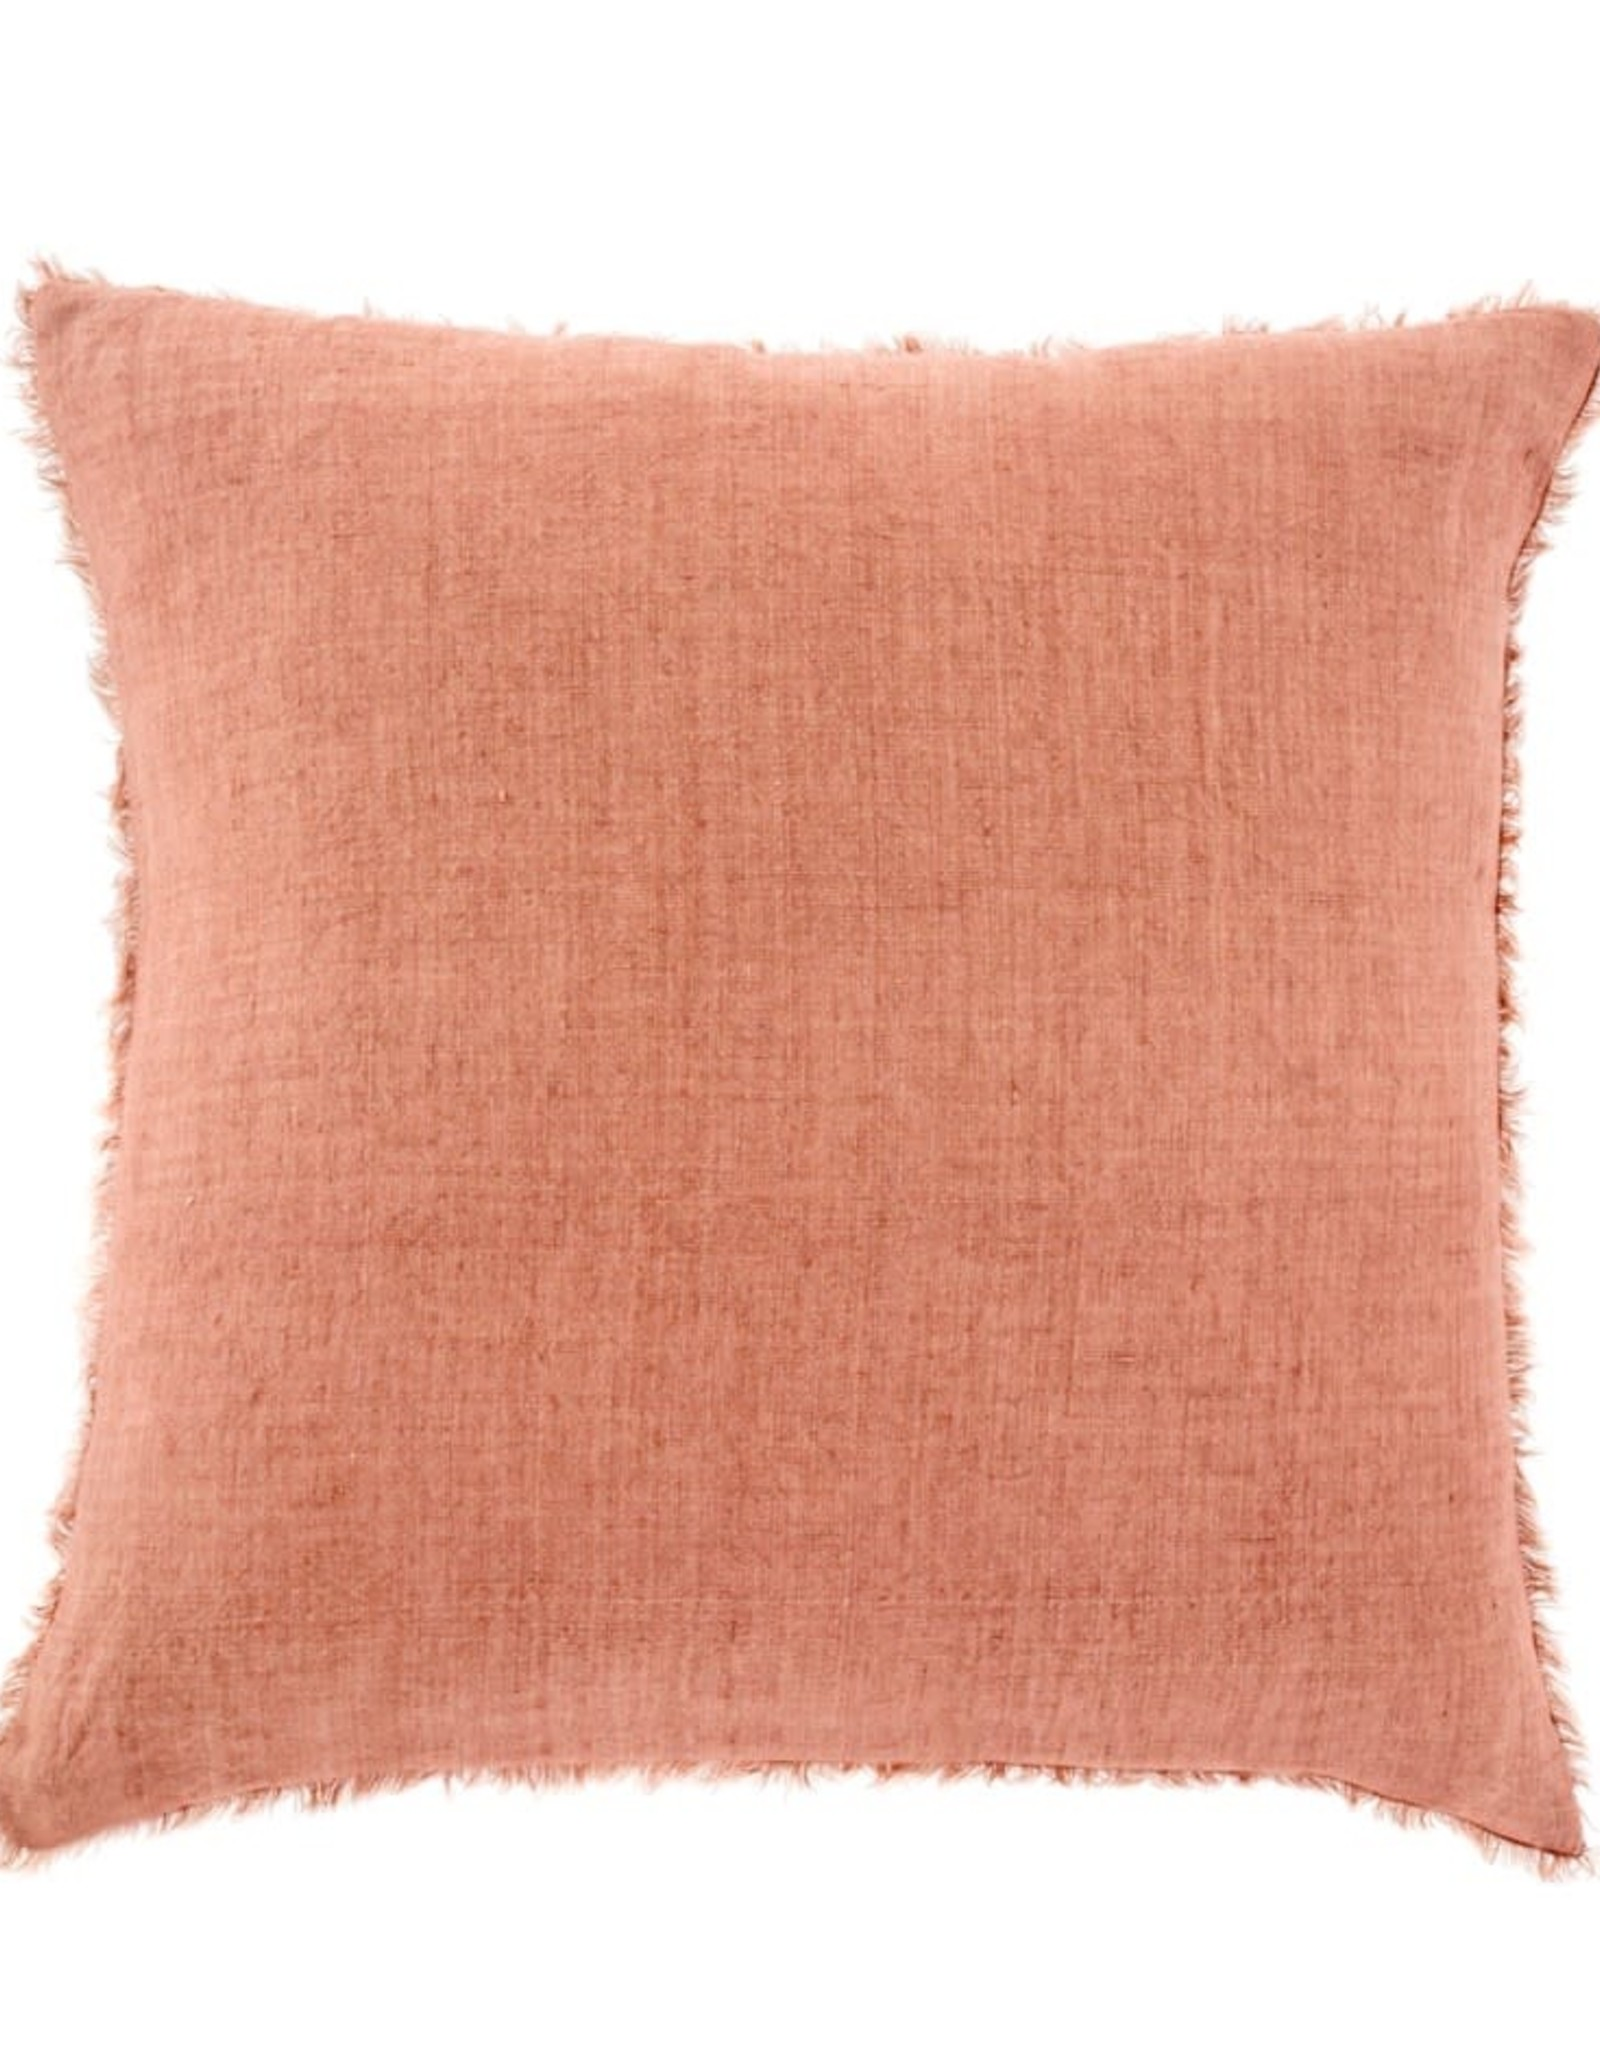 Lina Linen Pillow 24x24 Redwood